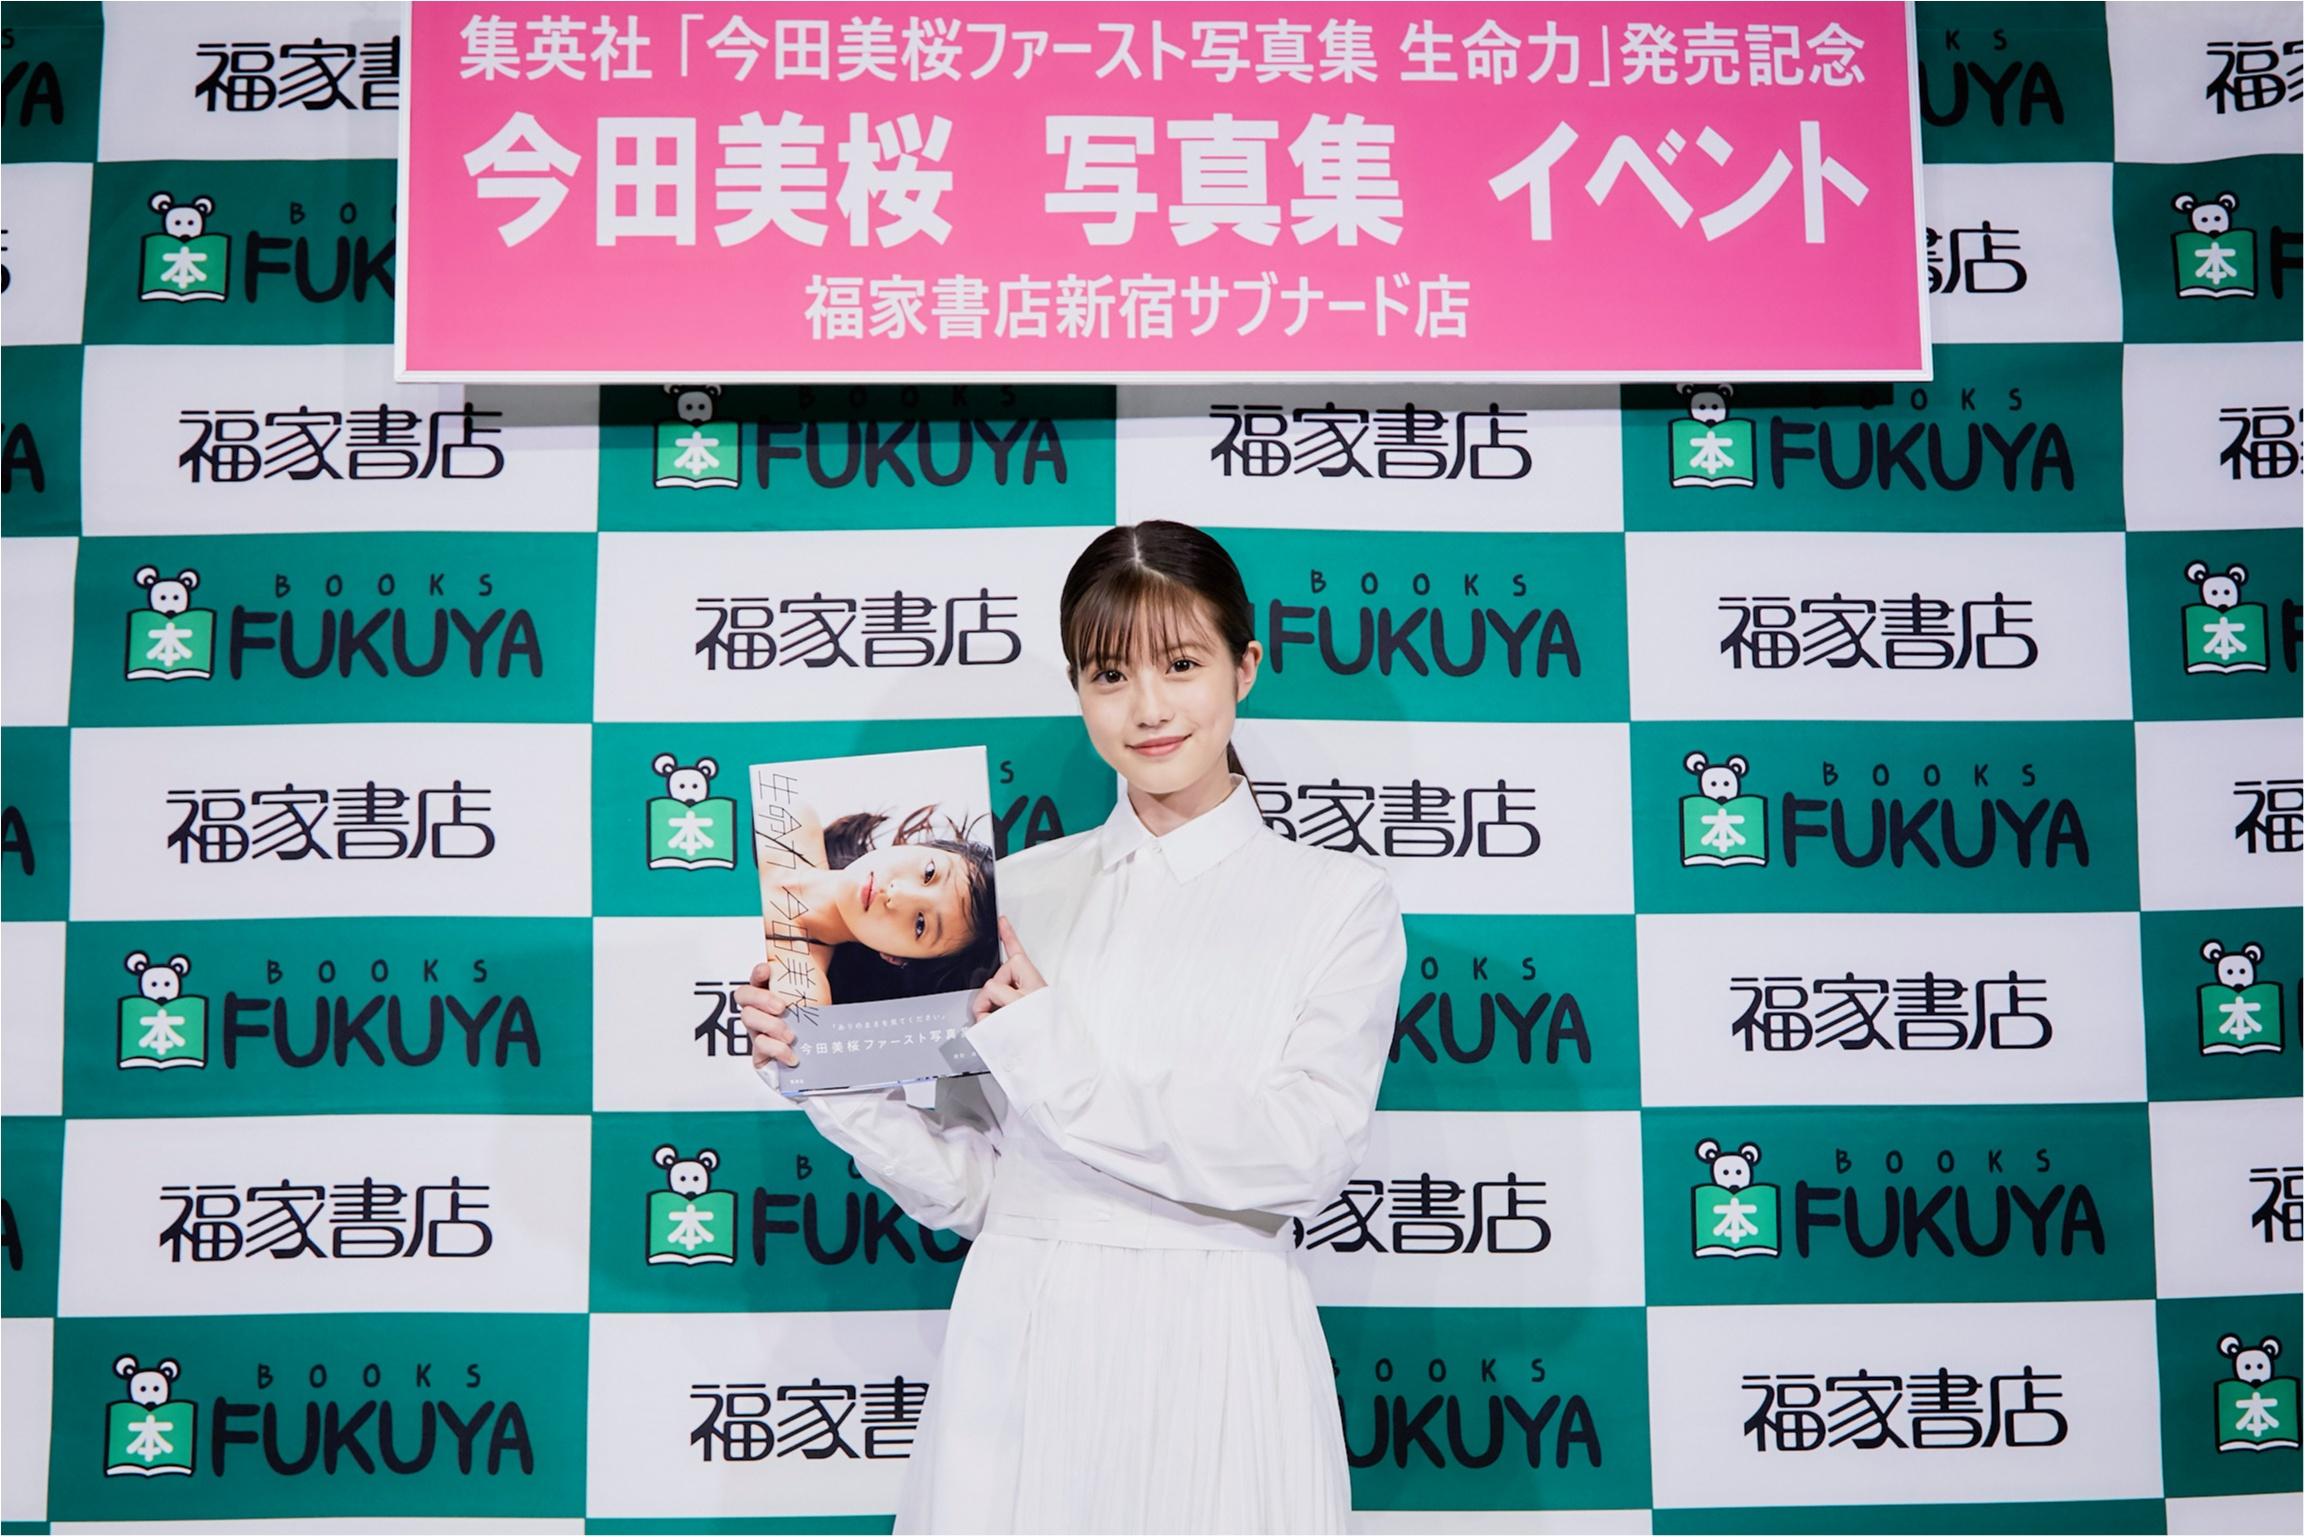 早くも重版決定\u203c︎】今最も気になる女優・今田美桜さんの1st写真